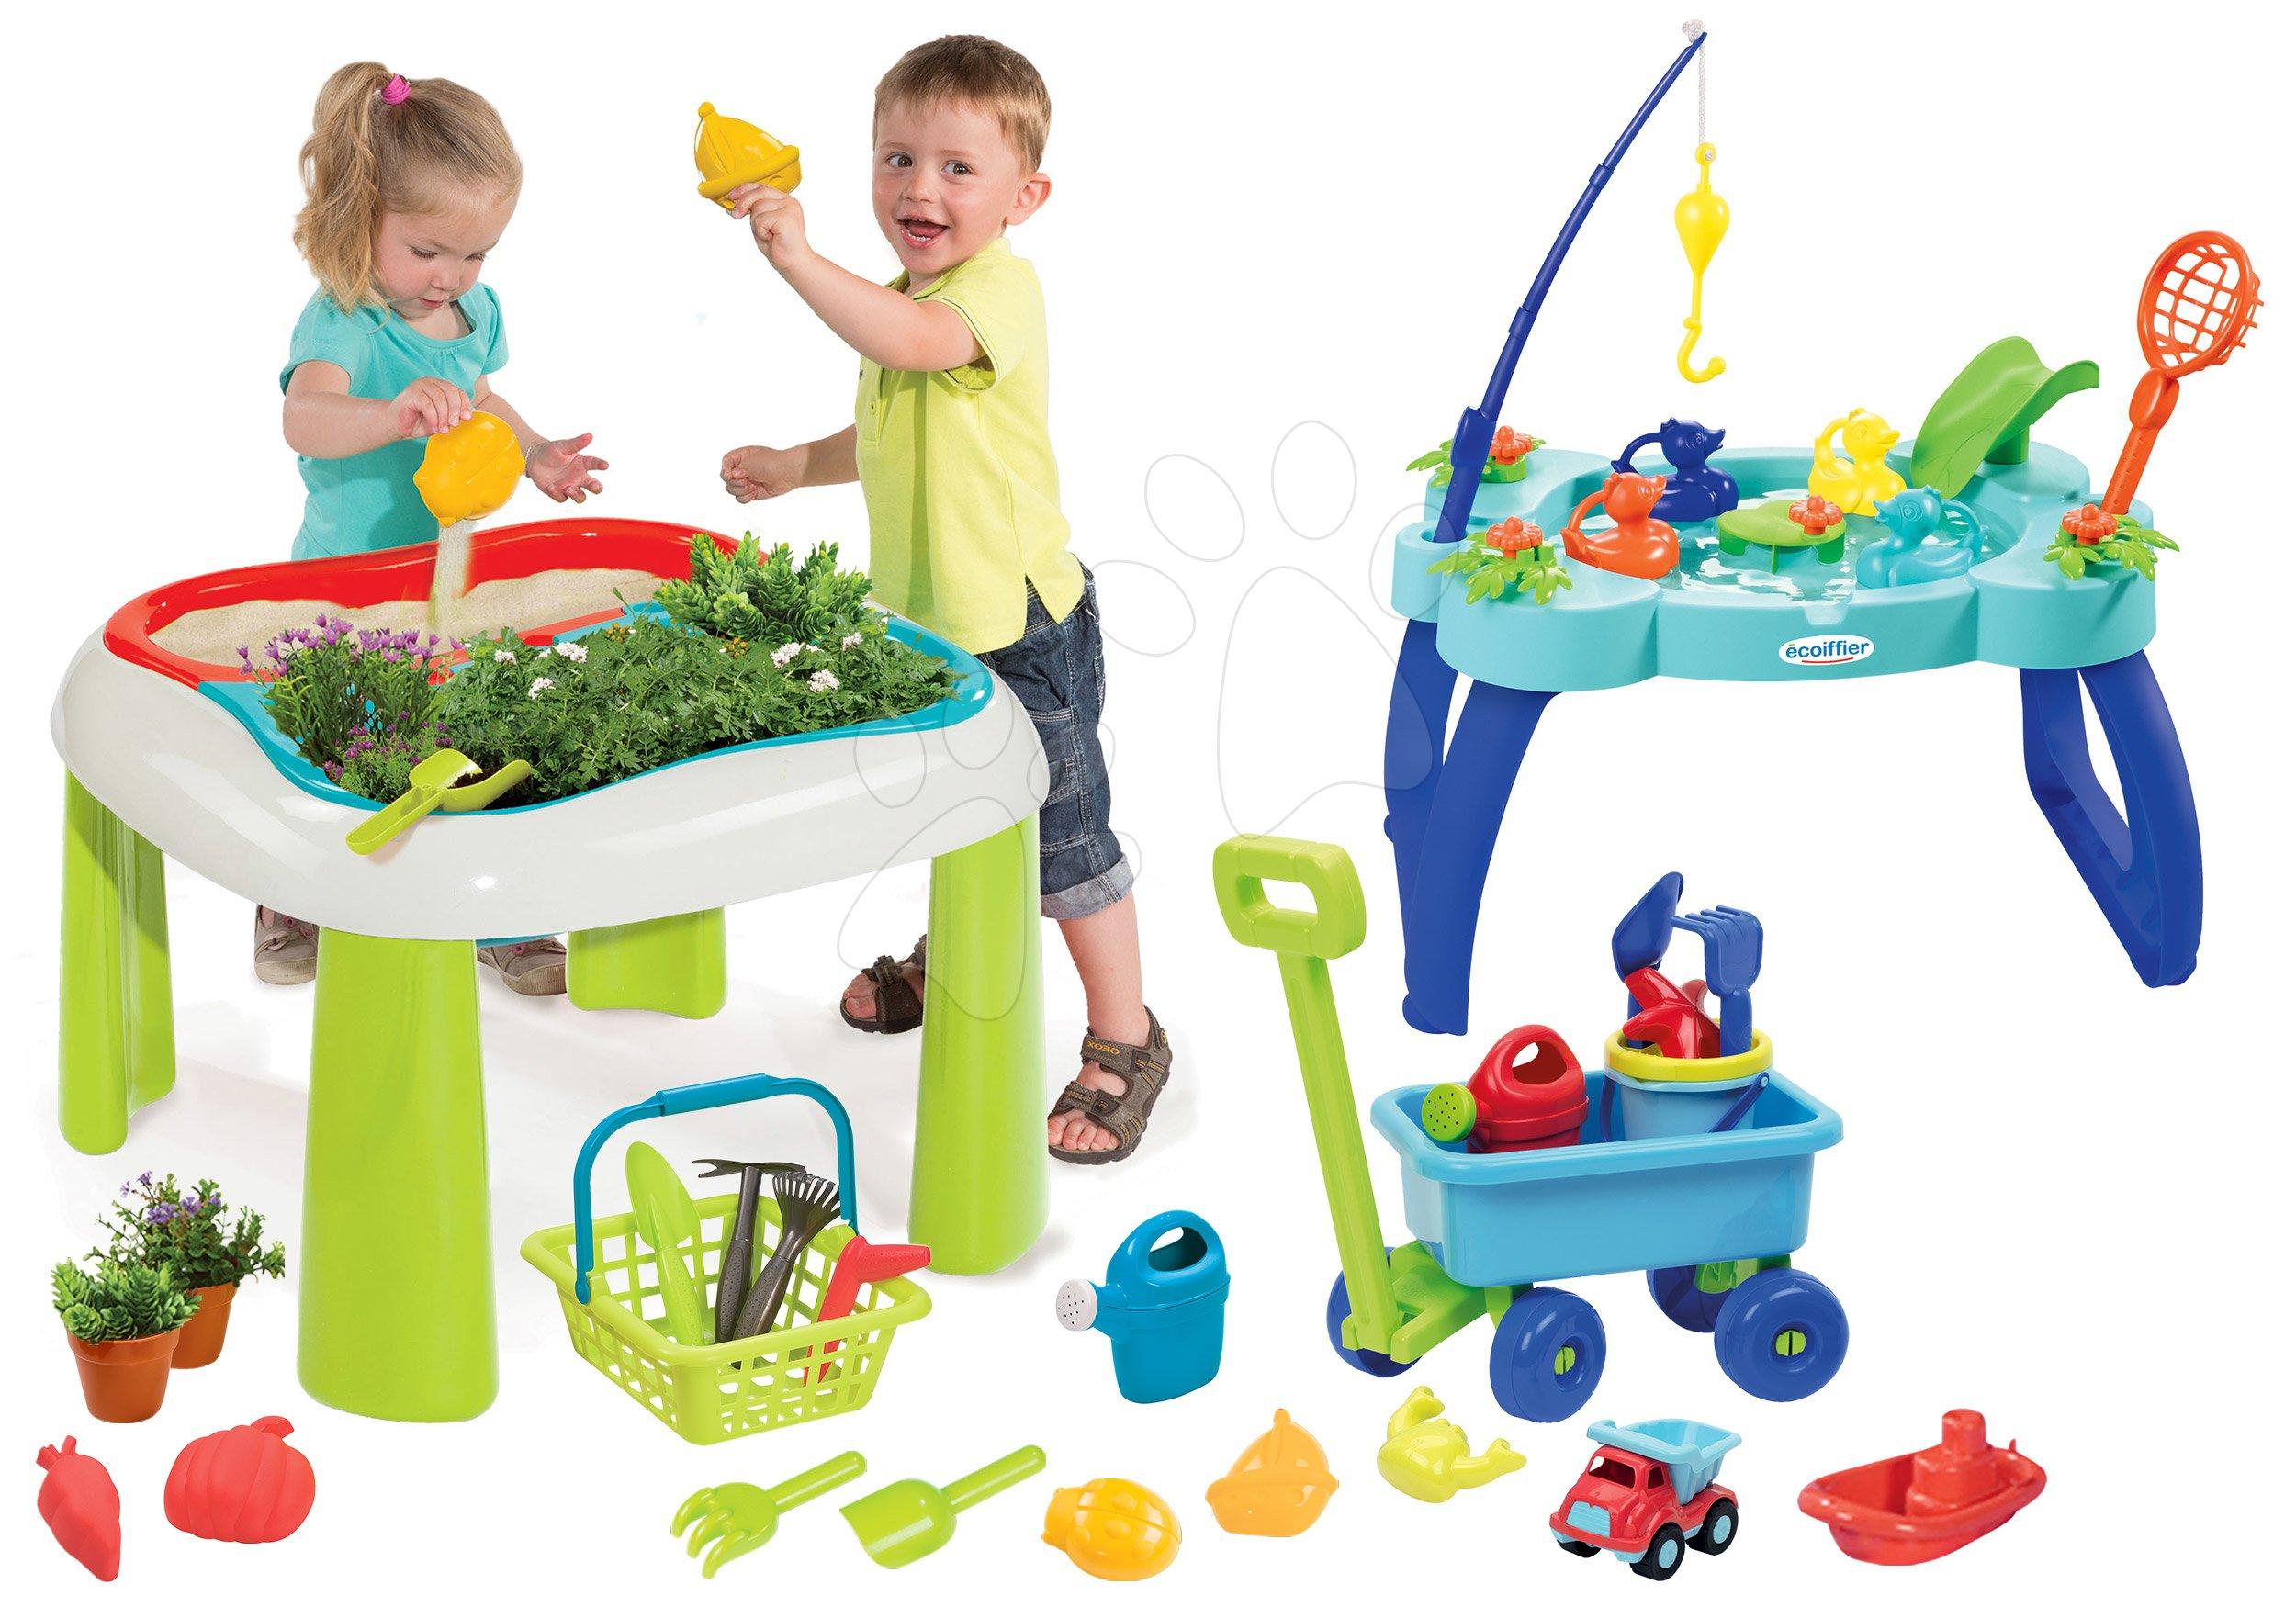 Set stůl Zahradník De Jardinage 2v1 Smoby dvoudílný se zahrádkou a vozík pro tažení s kbelík setem a rybník s udicí